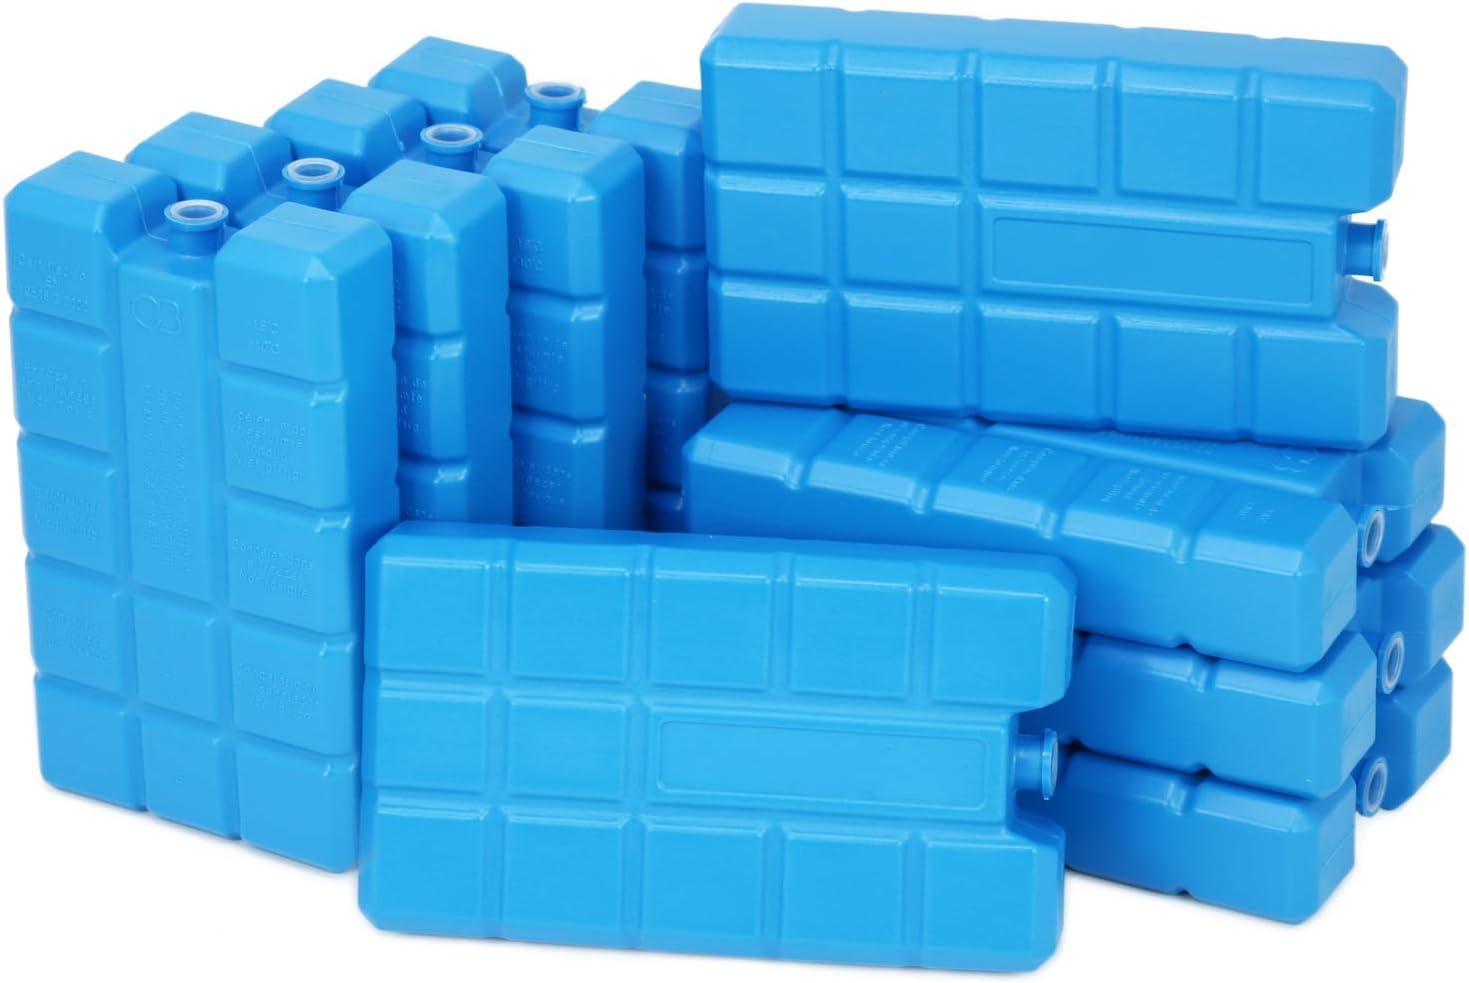 Compra com-four® 9X Big Pack de Hielo en Azul - Elementos de refrigeración para neveras y Bolsas de frío - Baterías de refrigeración para el hogar y el Ocio en Amazon.es